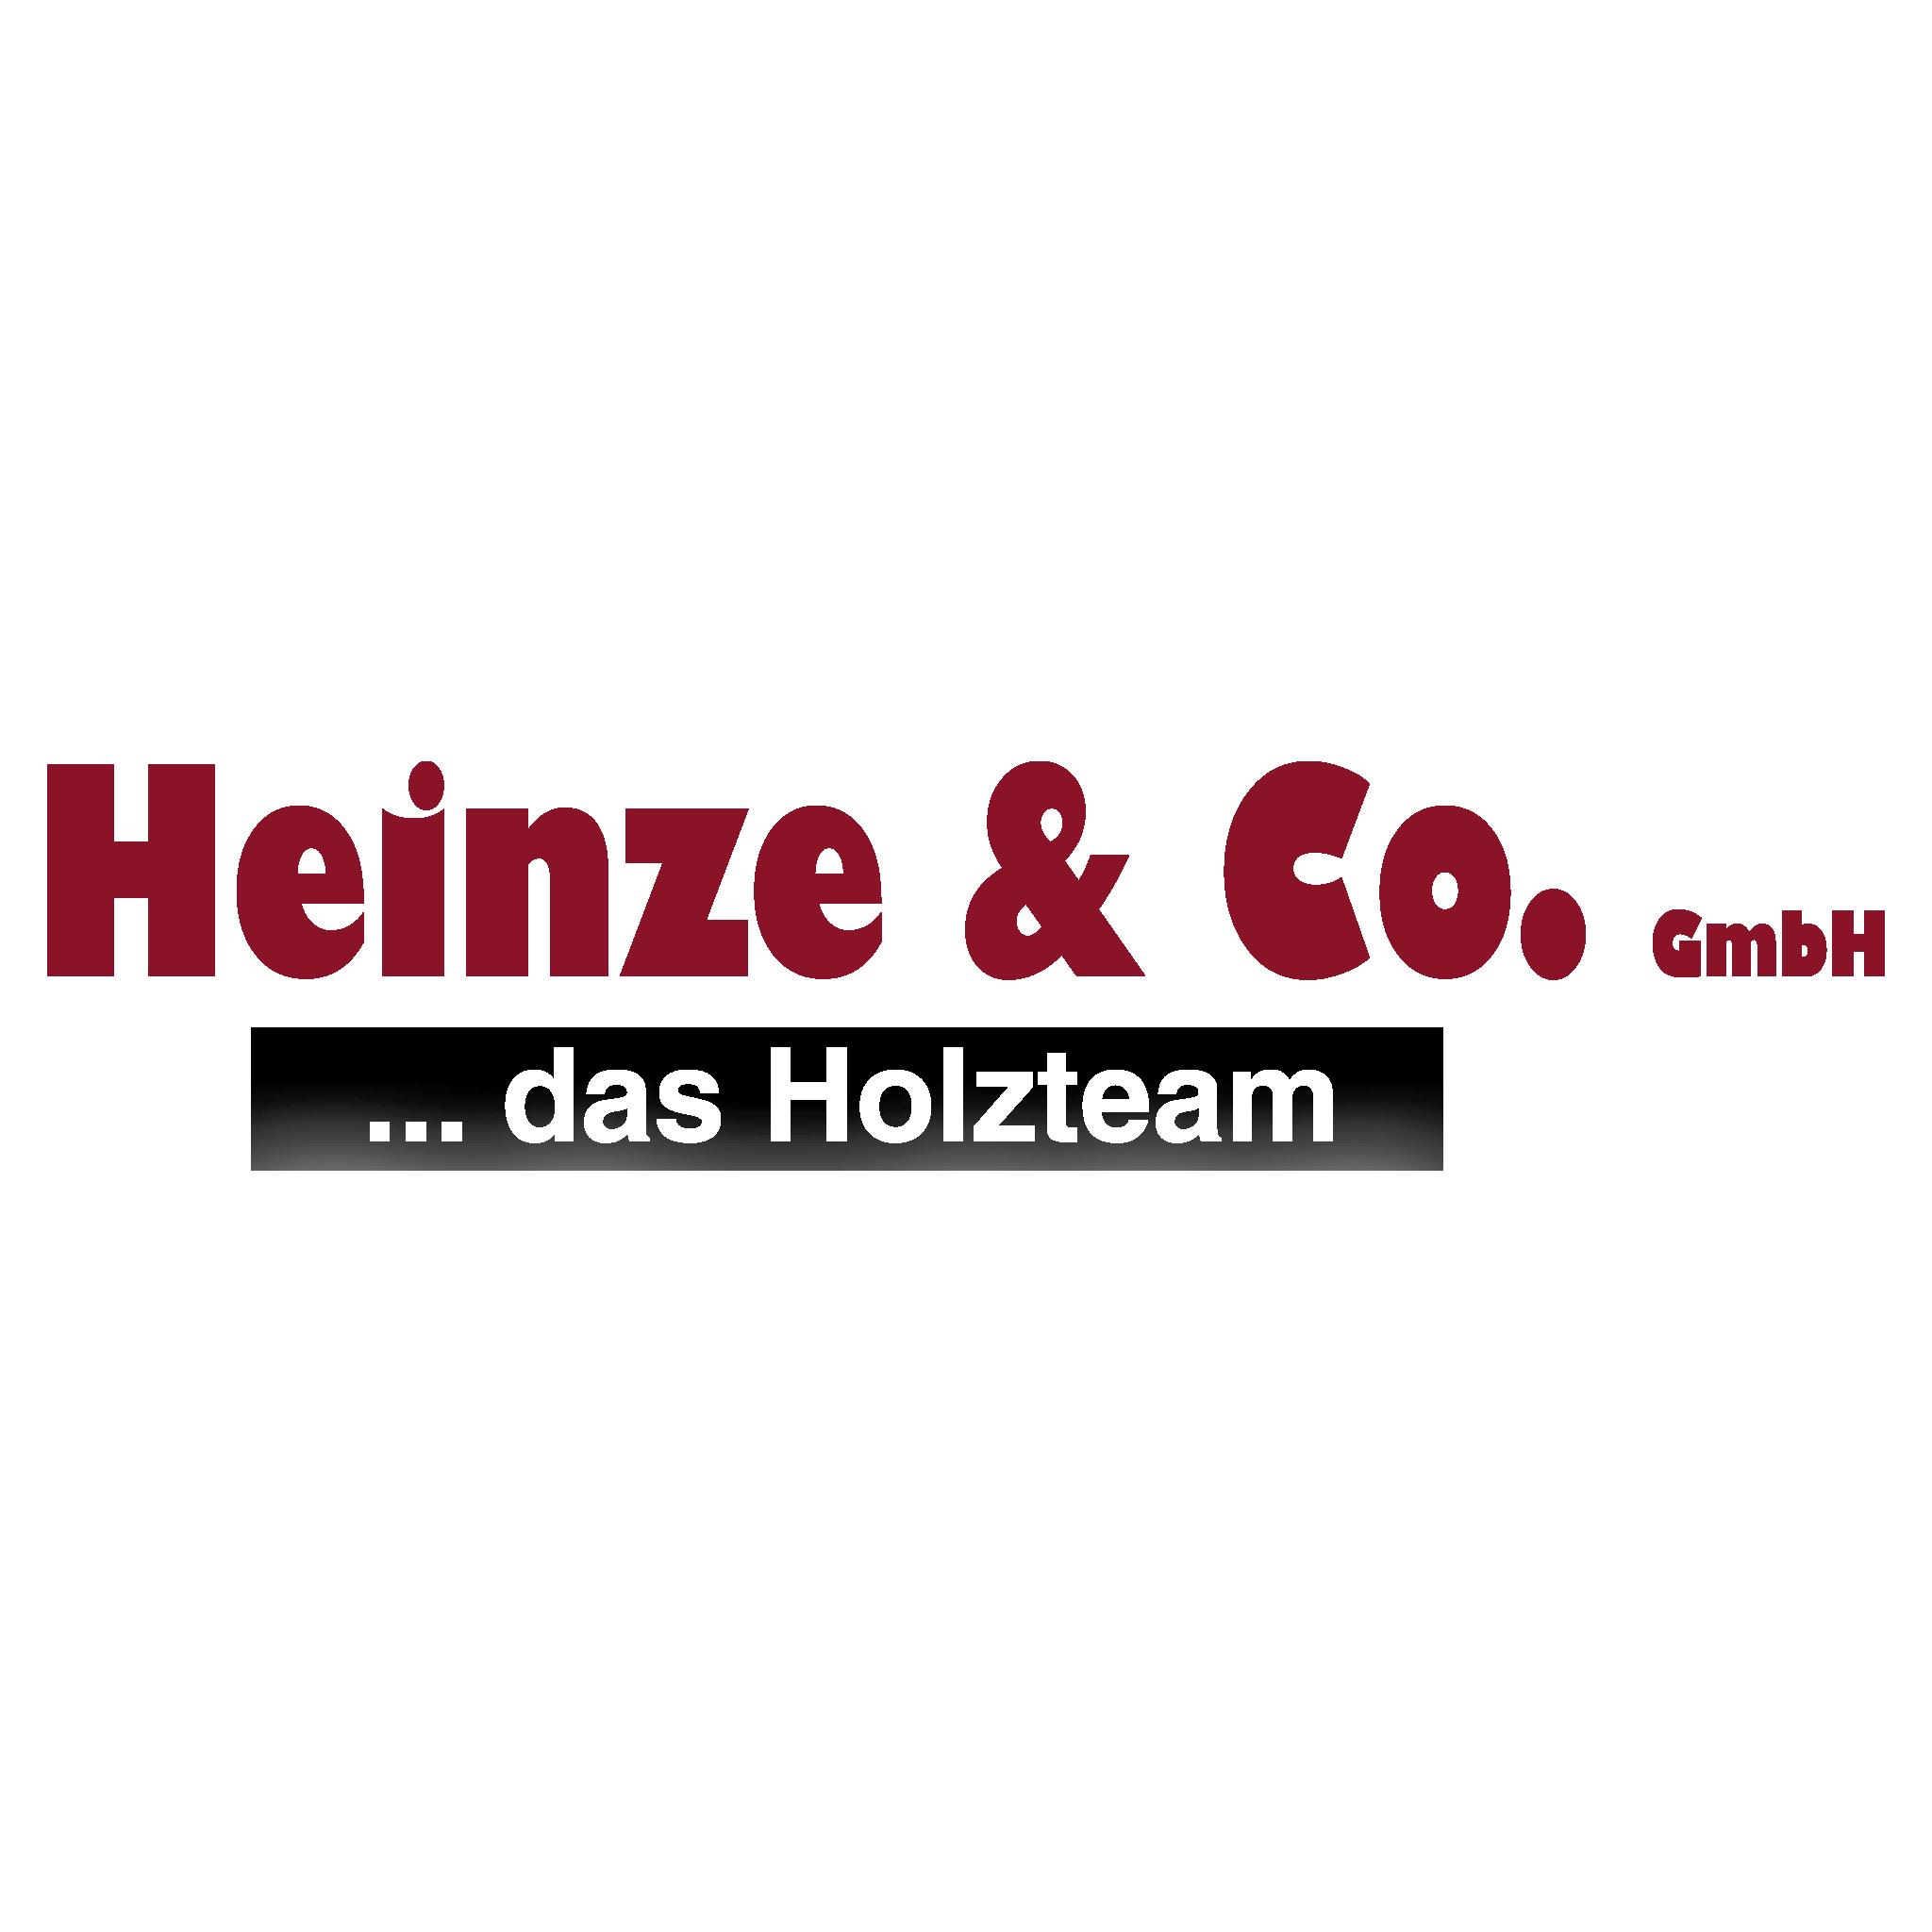 Heinze & Co. - Das Holzteam